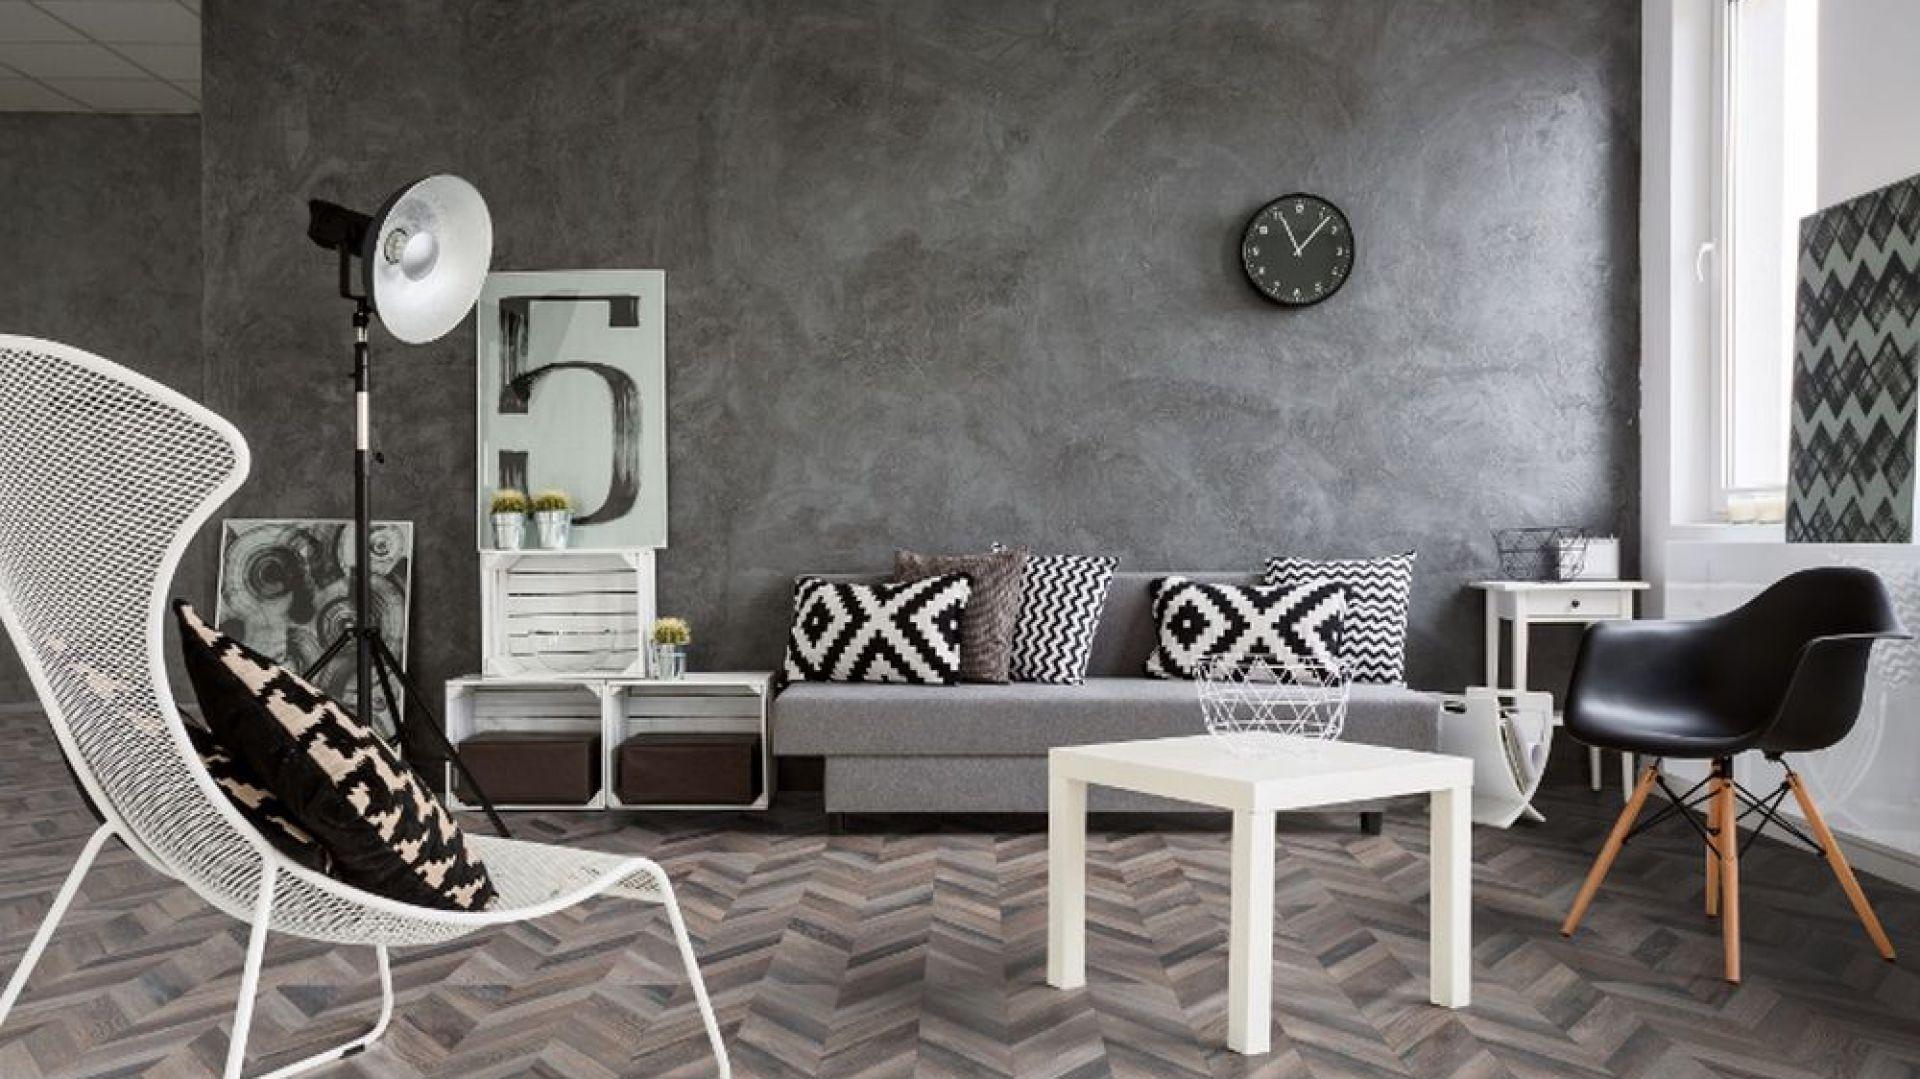 Industrialny styl dopełniają surowe akcenty z betonu, metalu, cegły, drewna lub szkła. Fot. Classen